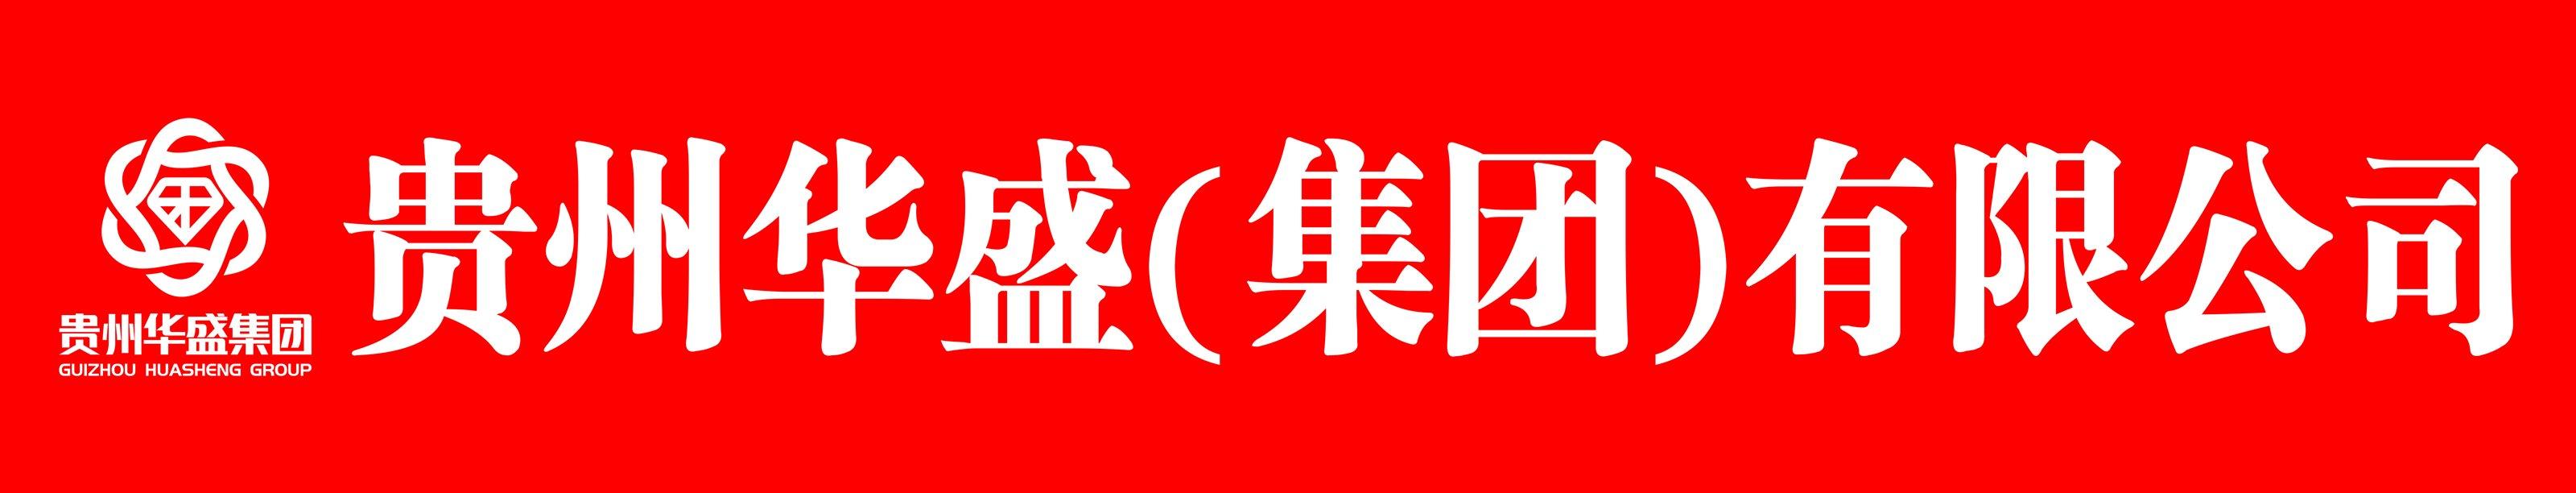 贵州华盛(集团)有限公司